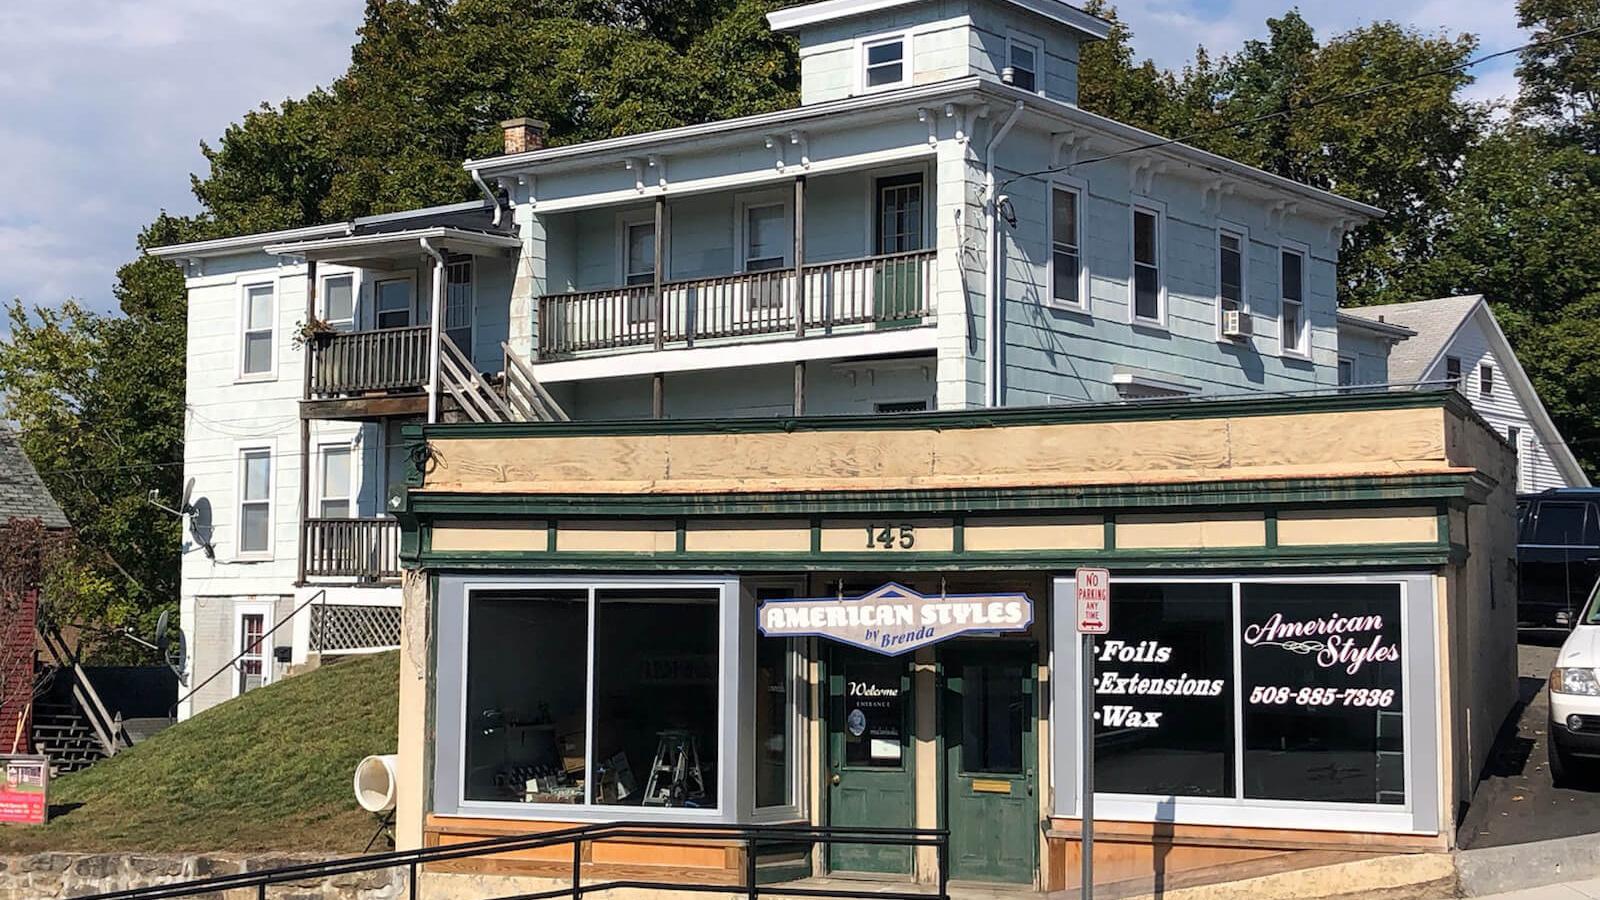 143-145 Main Street, Spencer, Massachusetts 01562, Other,For Sale,Main Street,1286